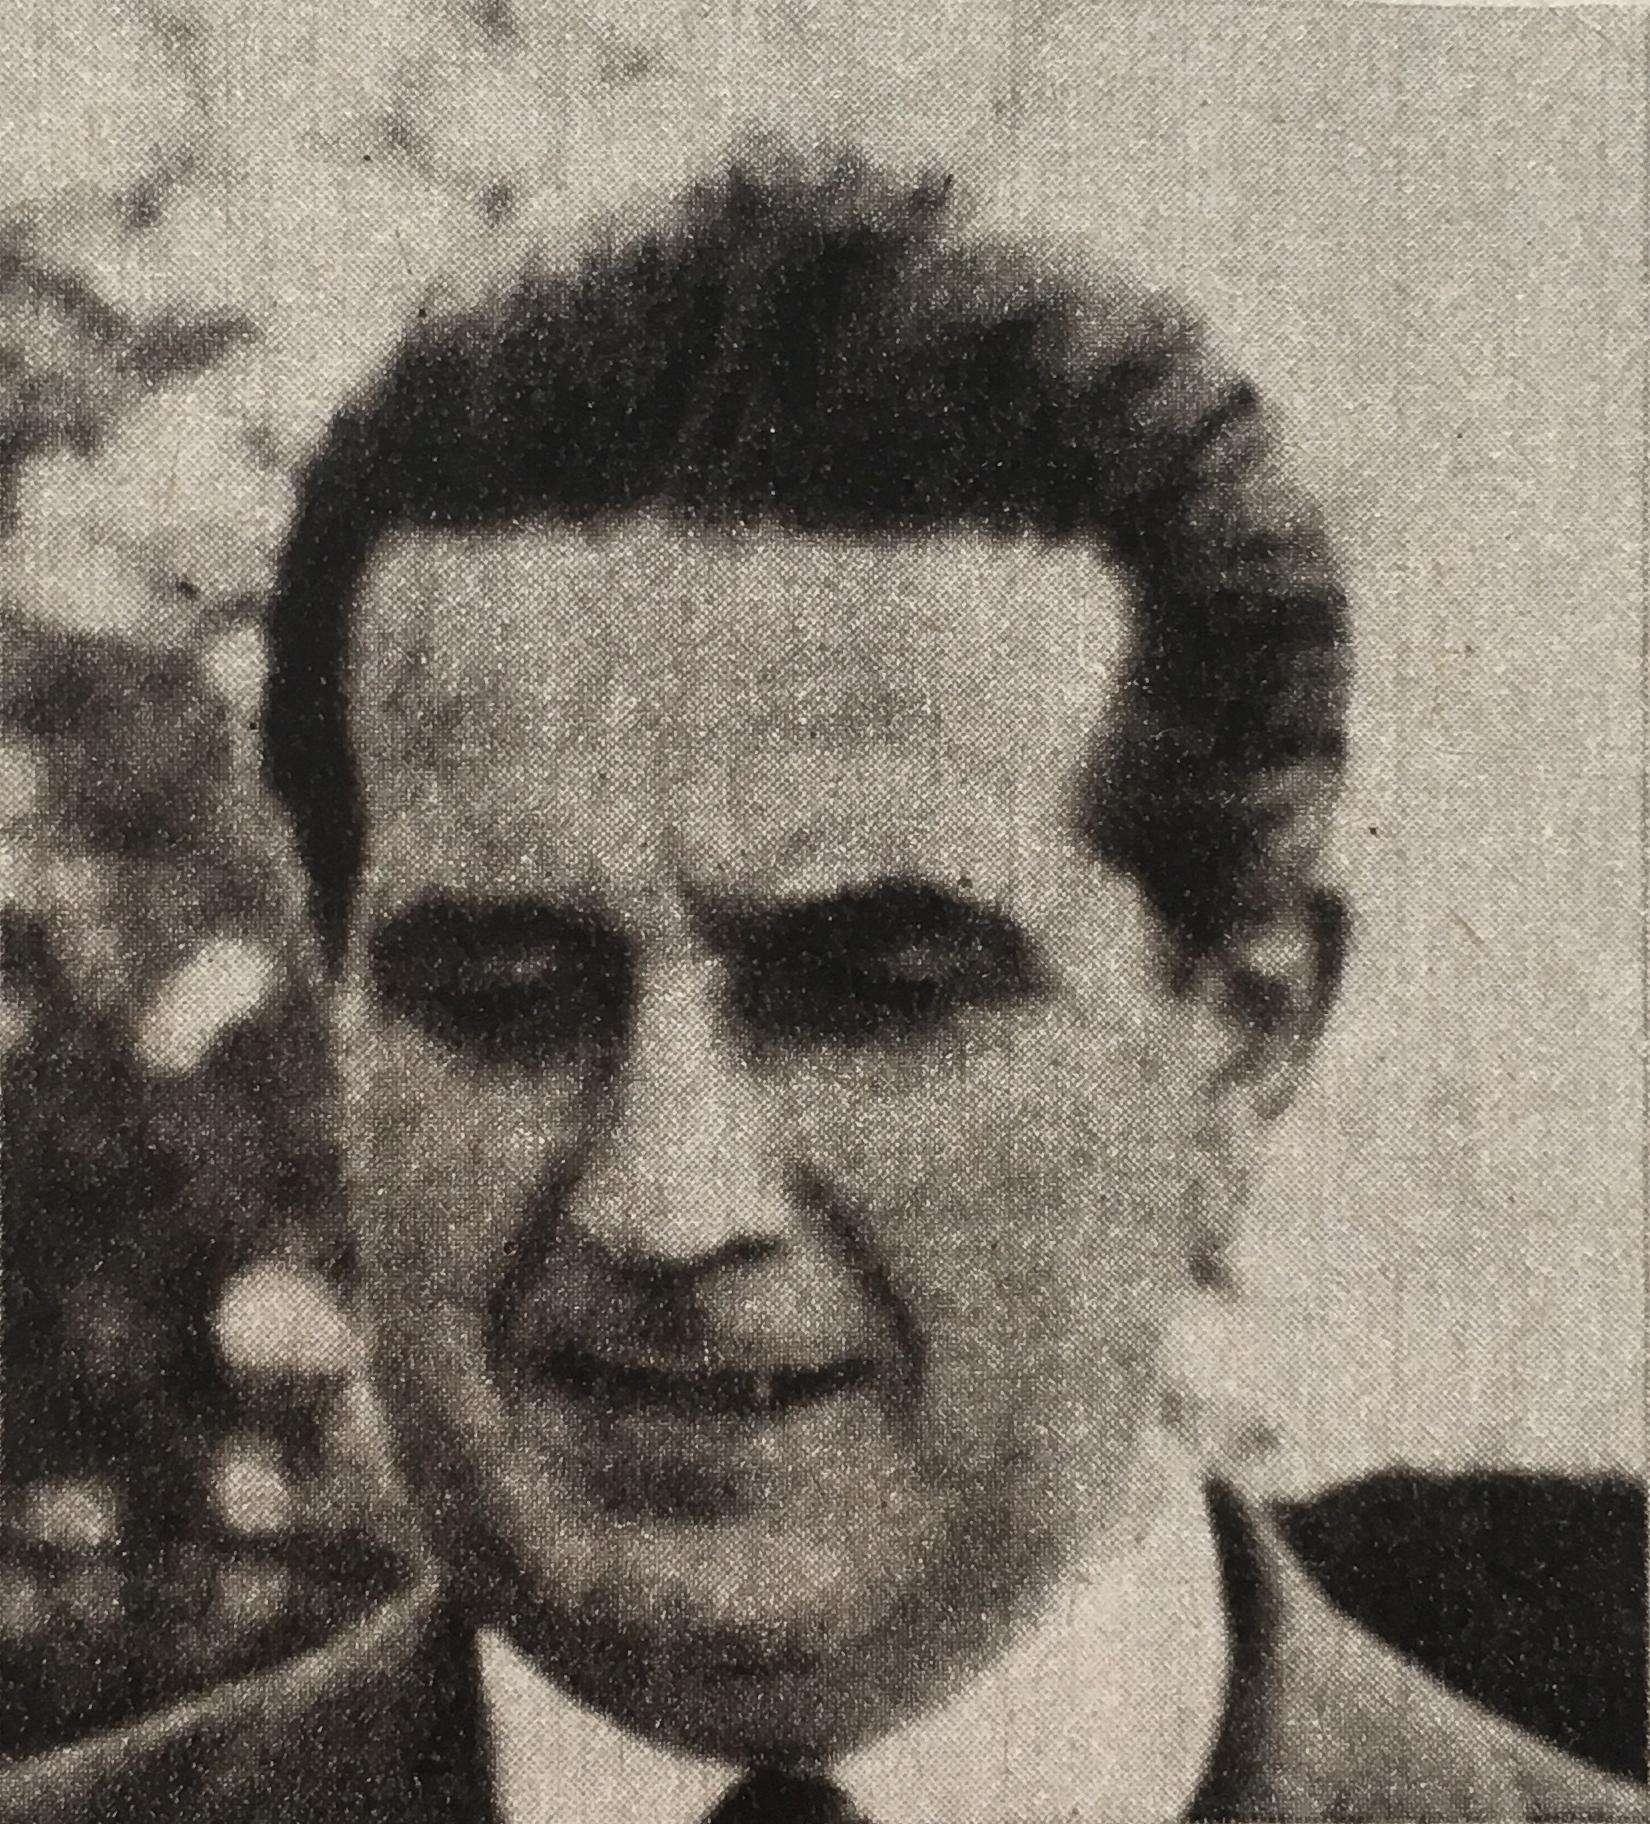 F. AIMONE JELMONI